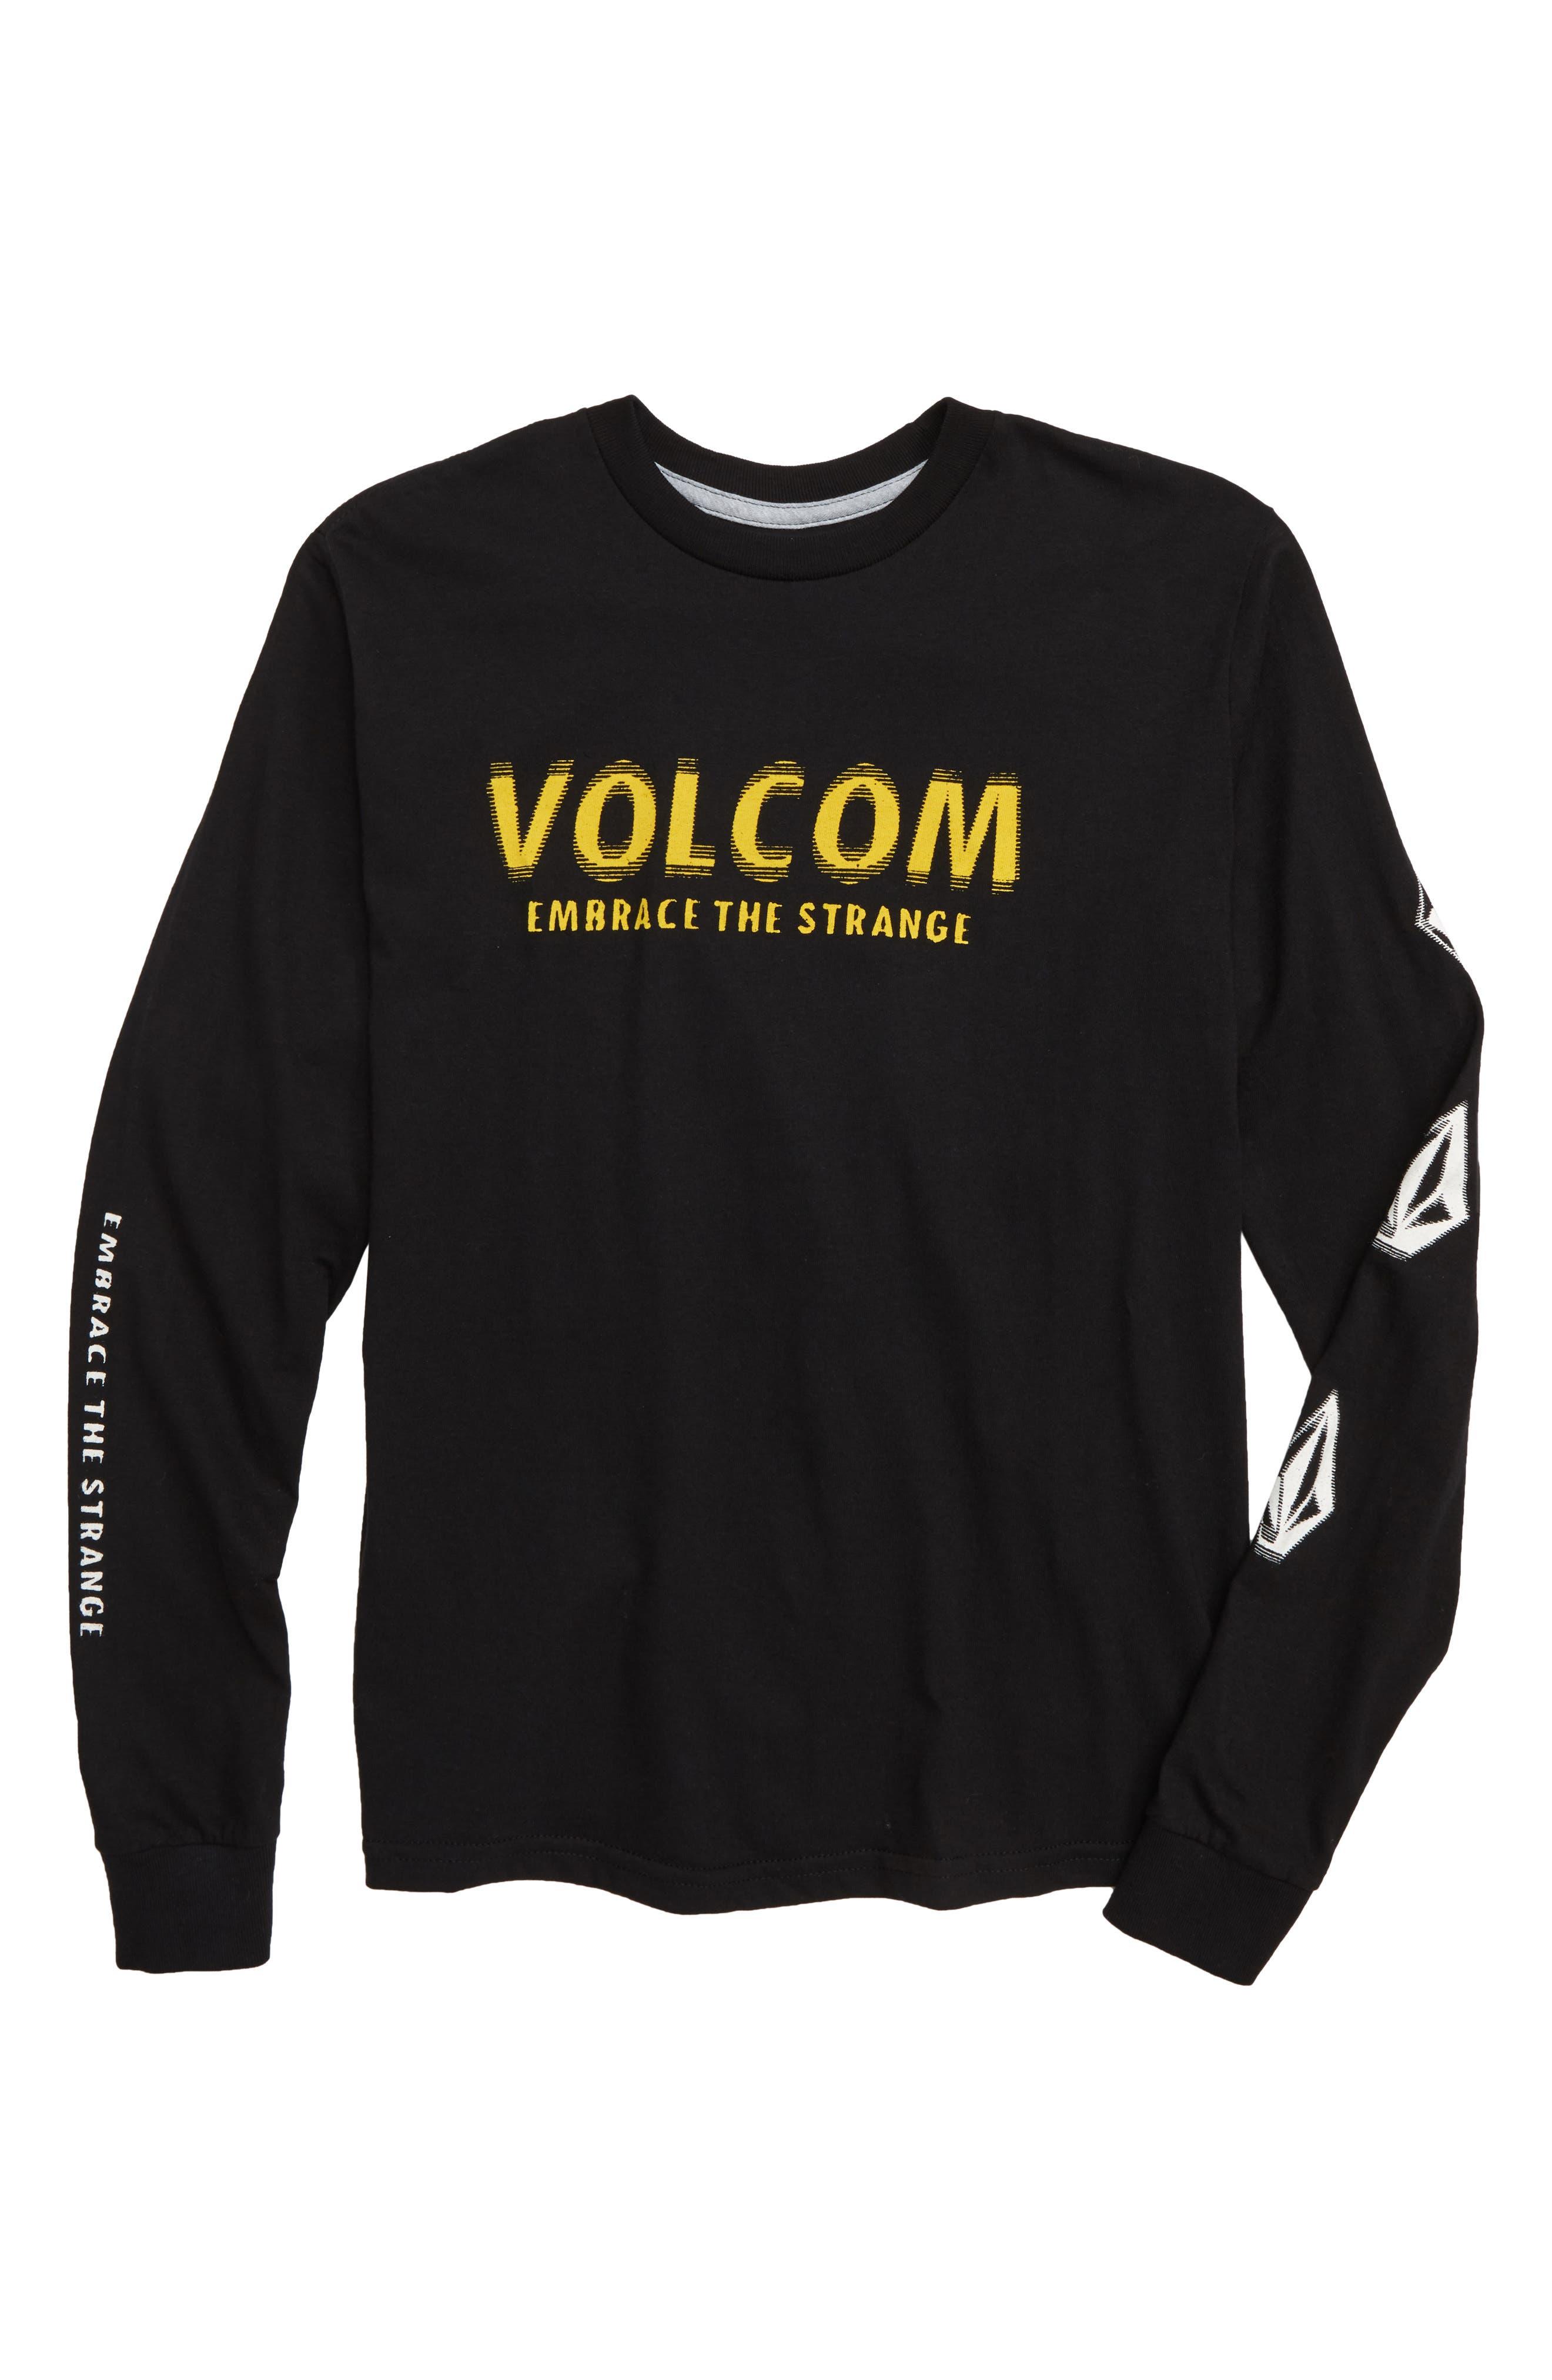 Embrace the Strange T-Shirt,                             Main thumbnail 1, color,                             001